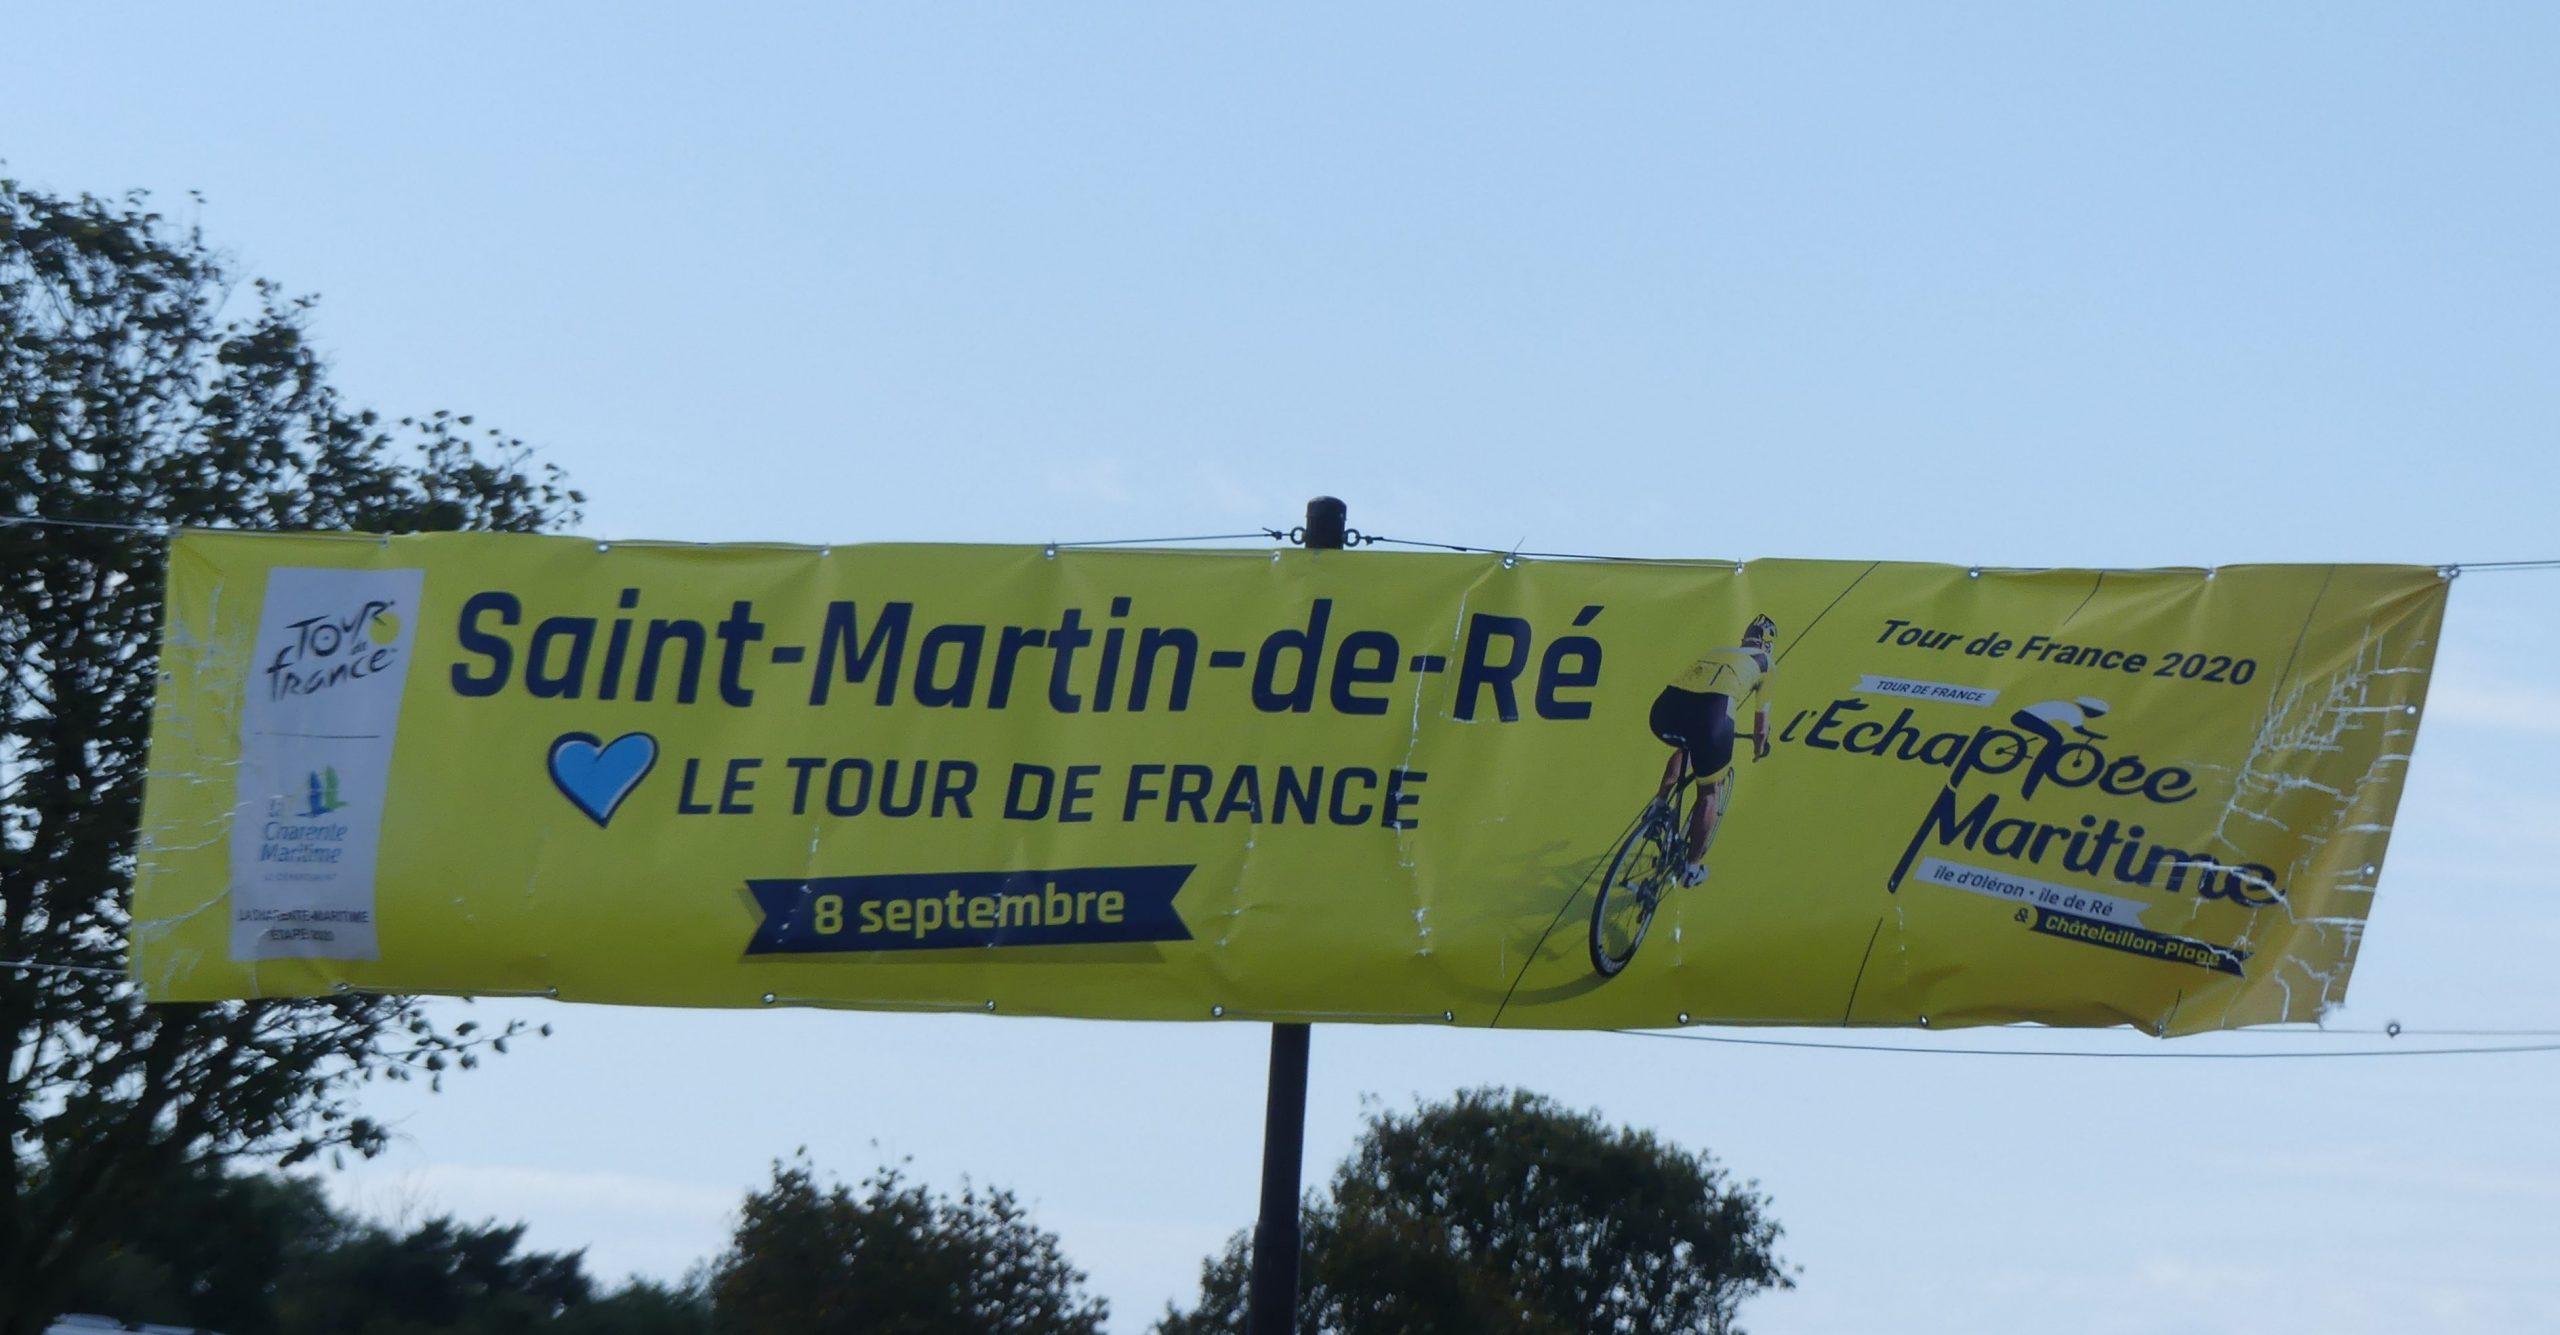 Saint-Martin de Ré - Rond point arrivée Tour de France - 1er septembre 2020